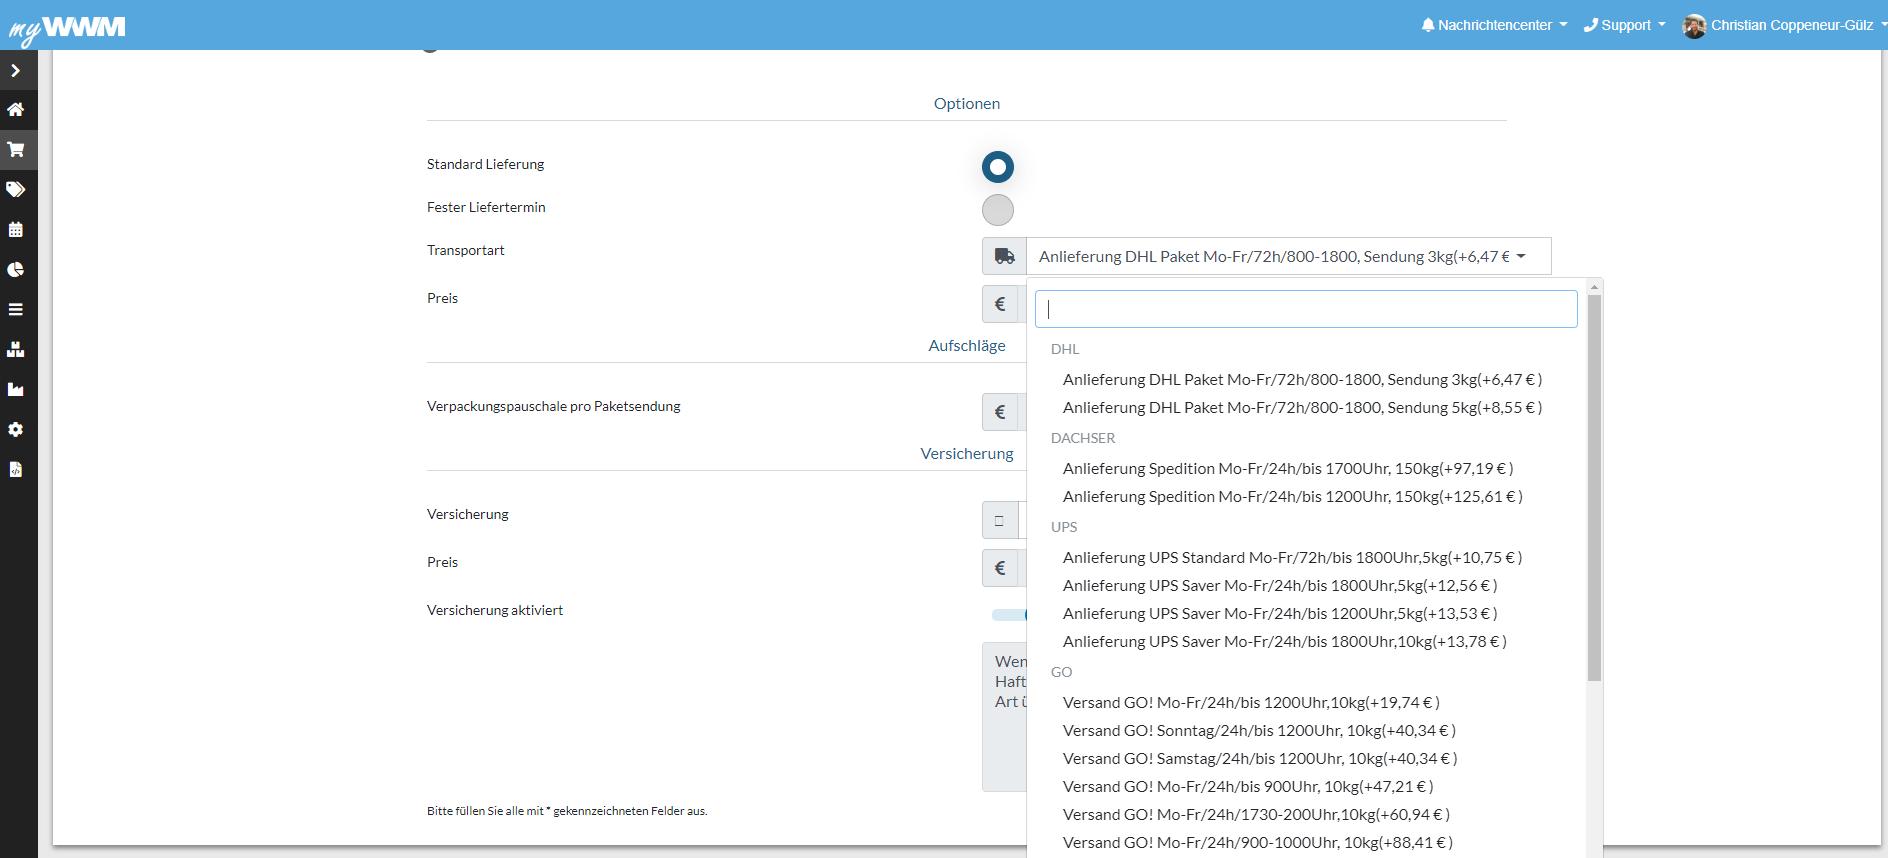 Anbindung Versanddienstleister